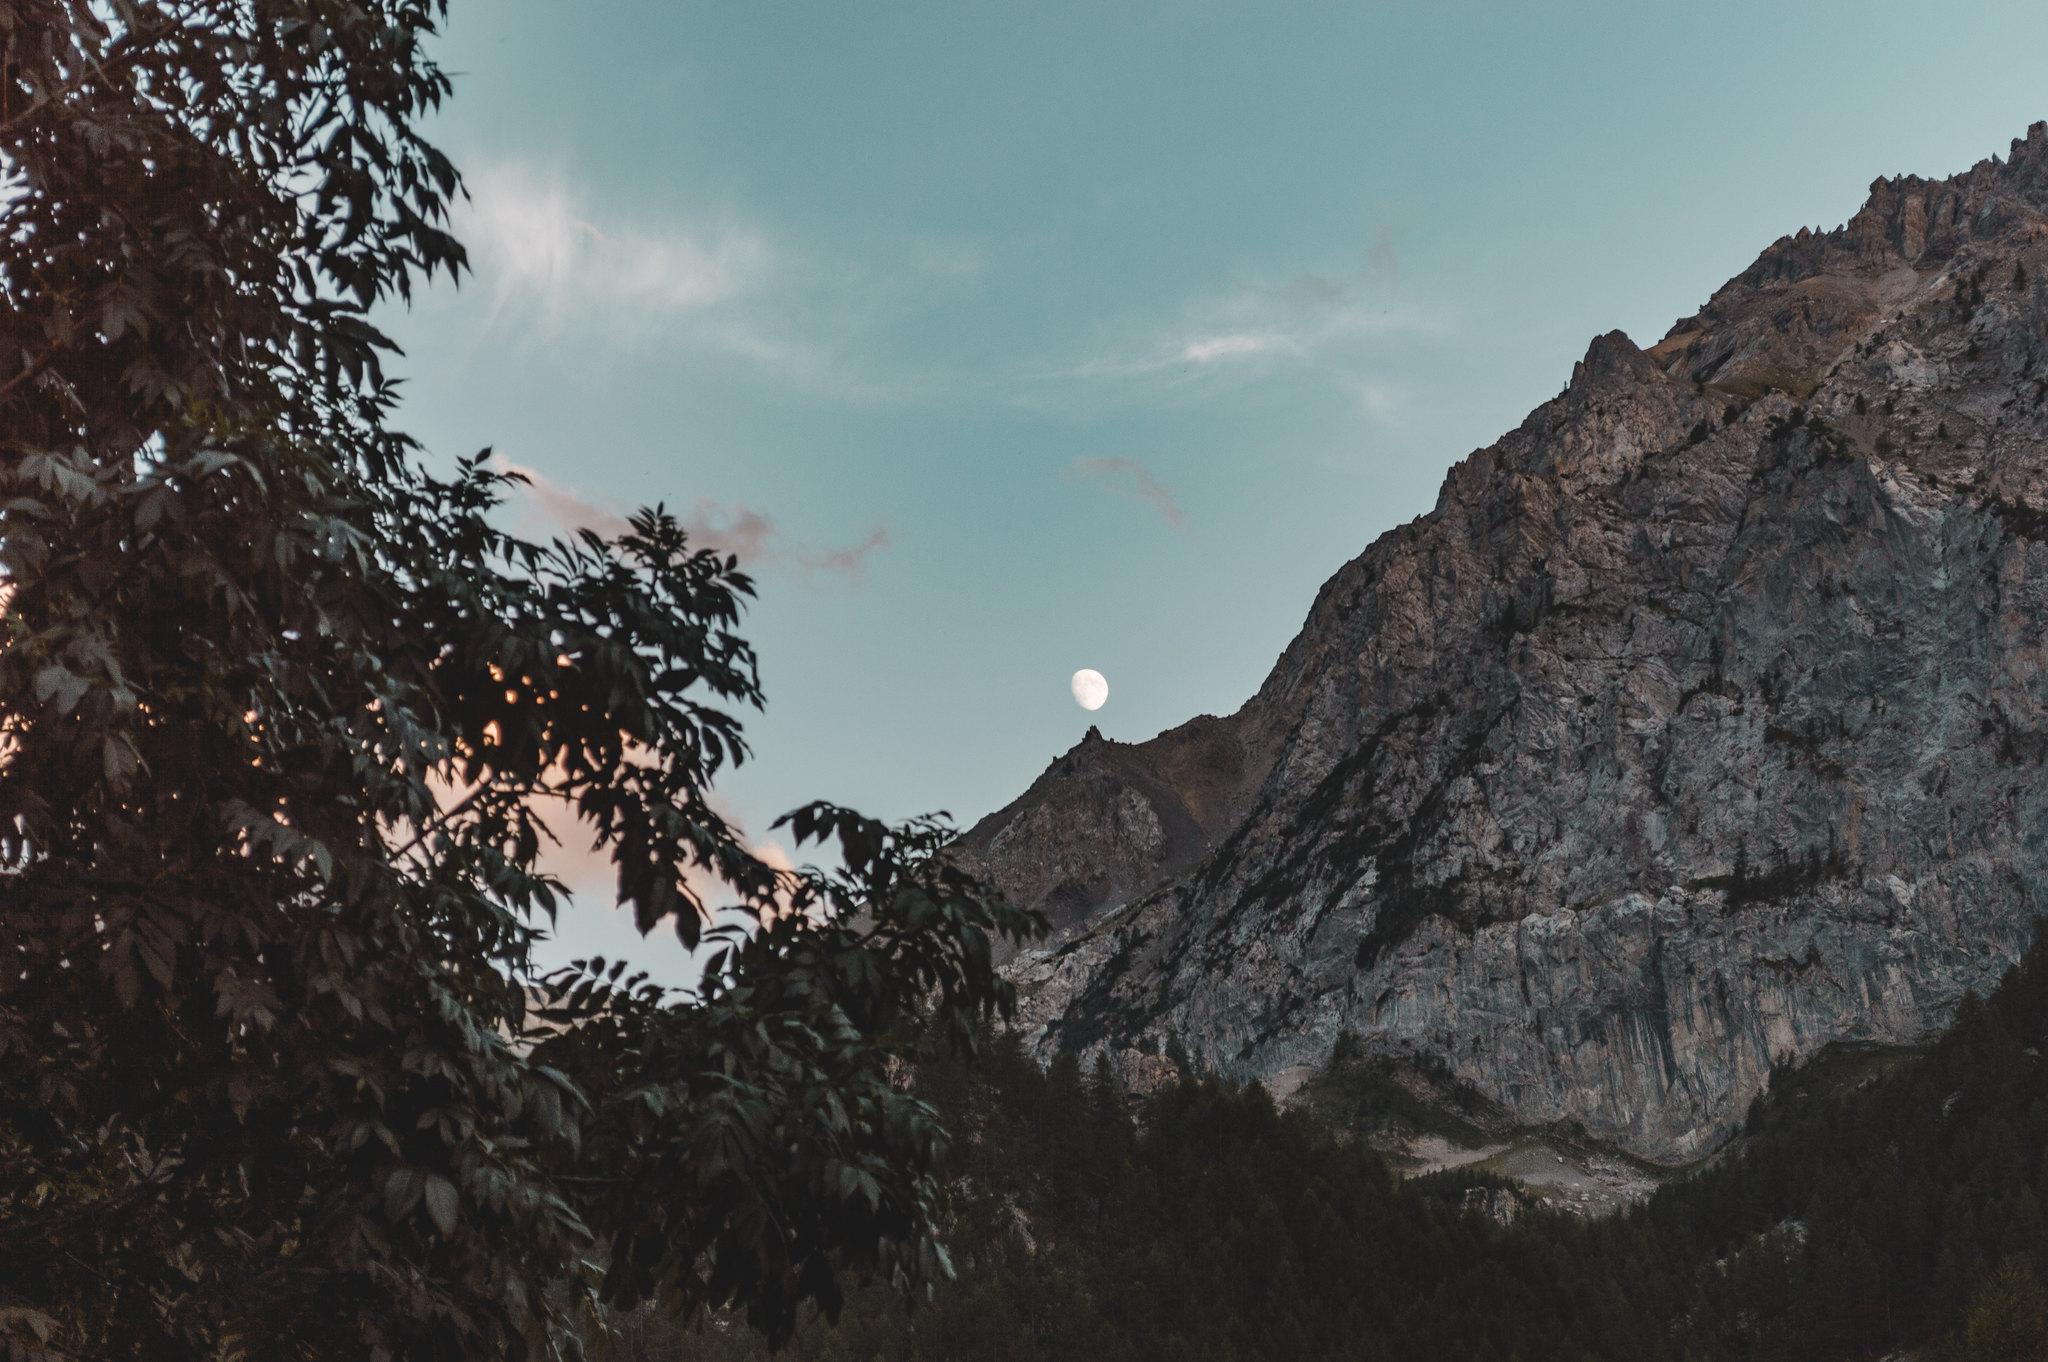 la luna sospesa sul picco di una montagna